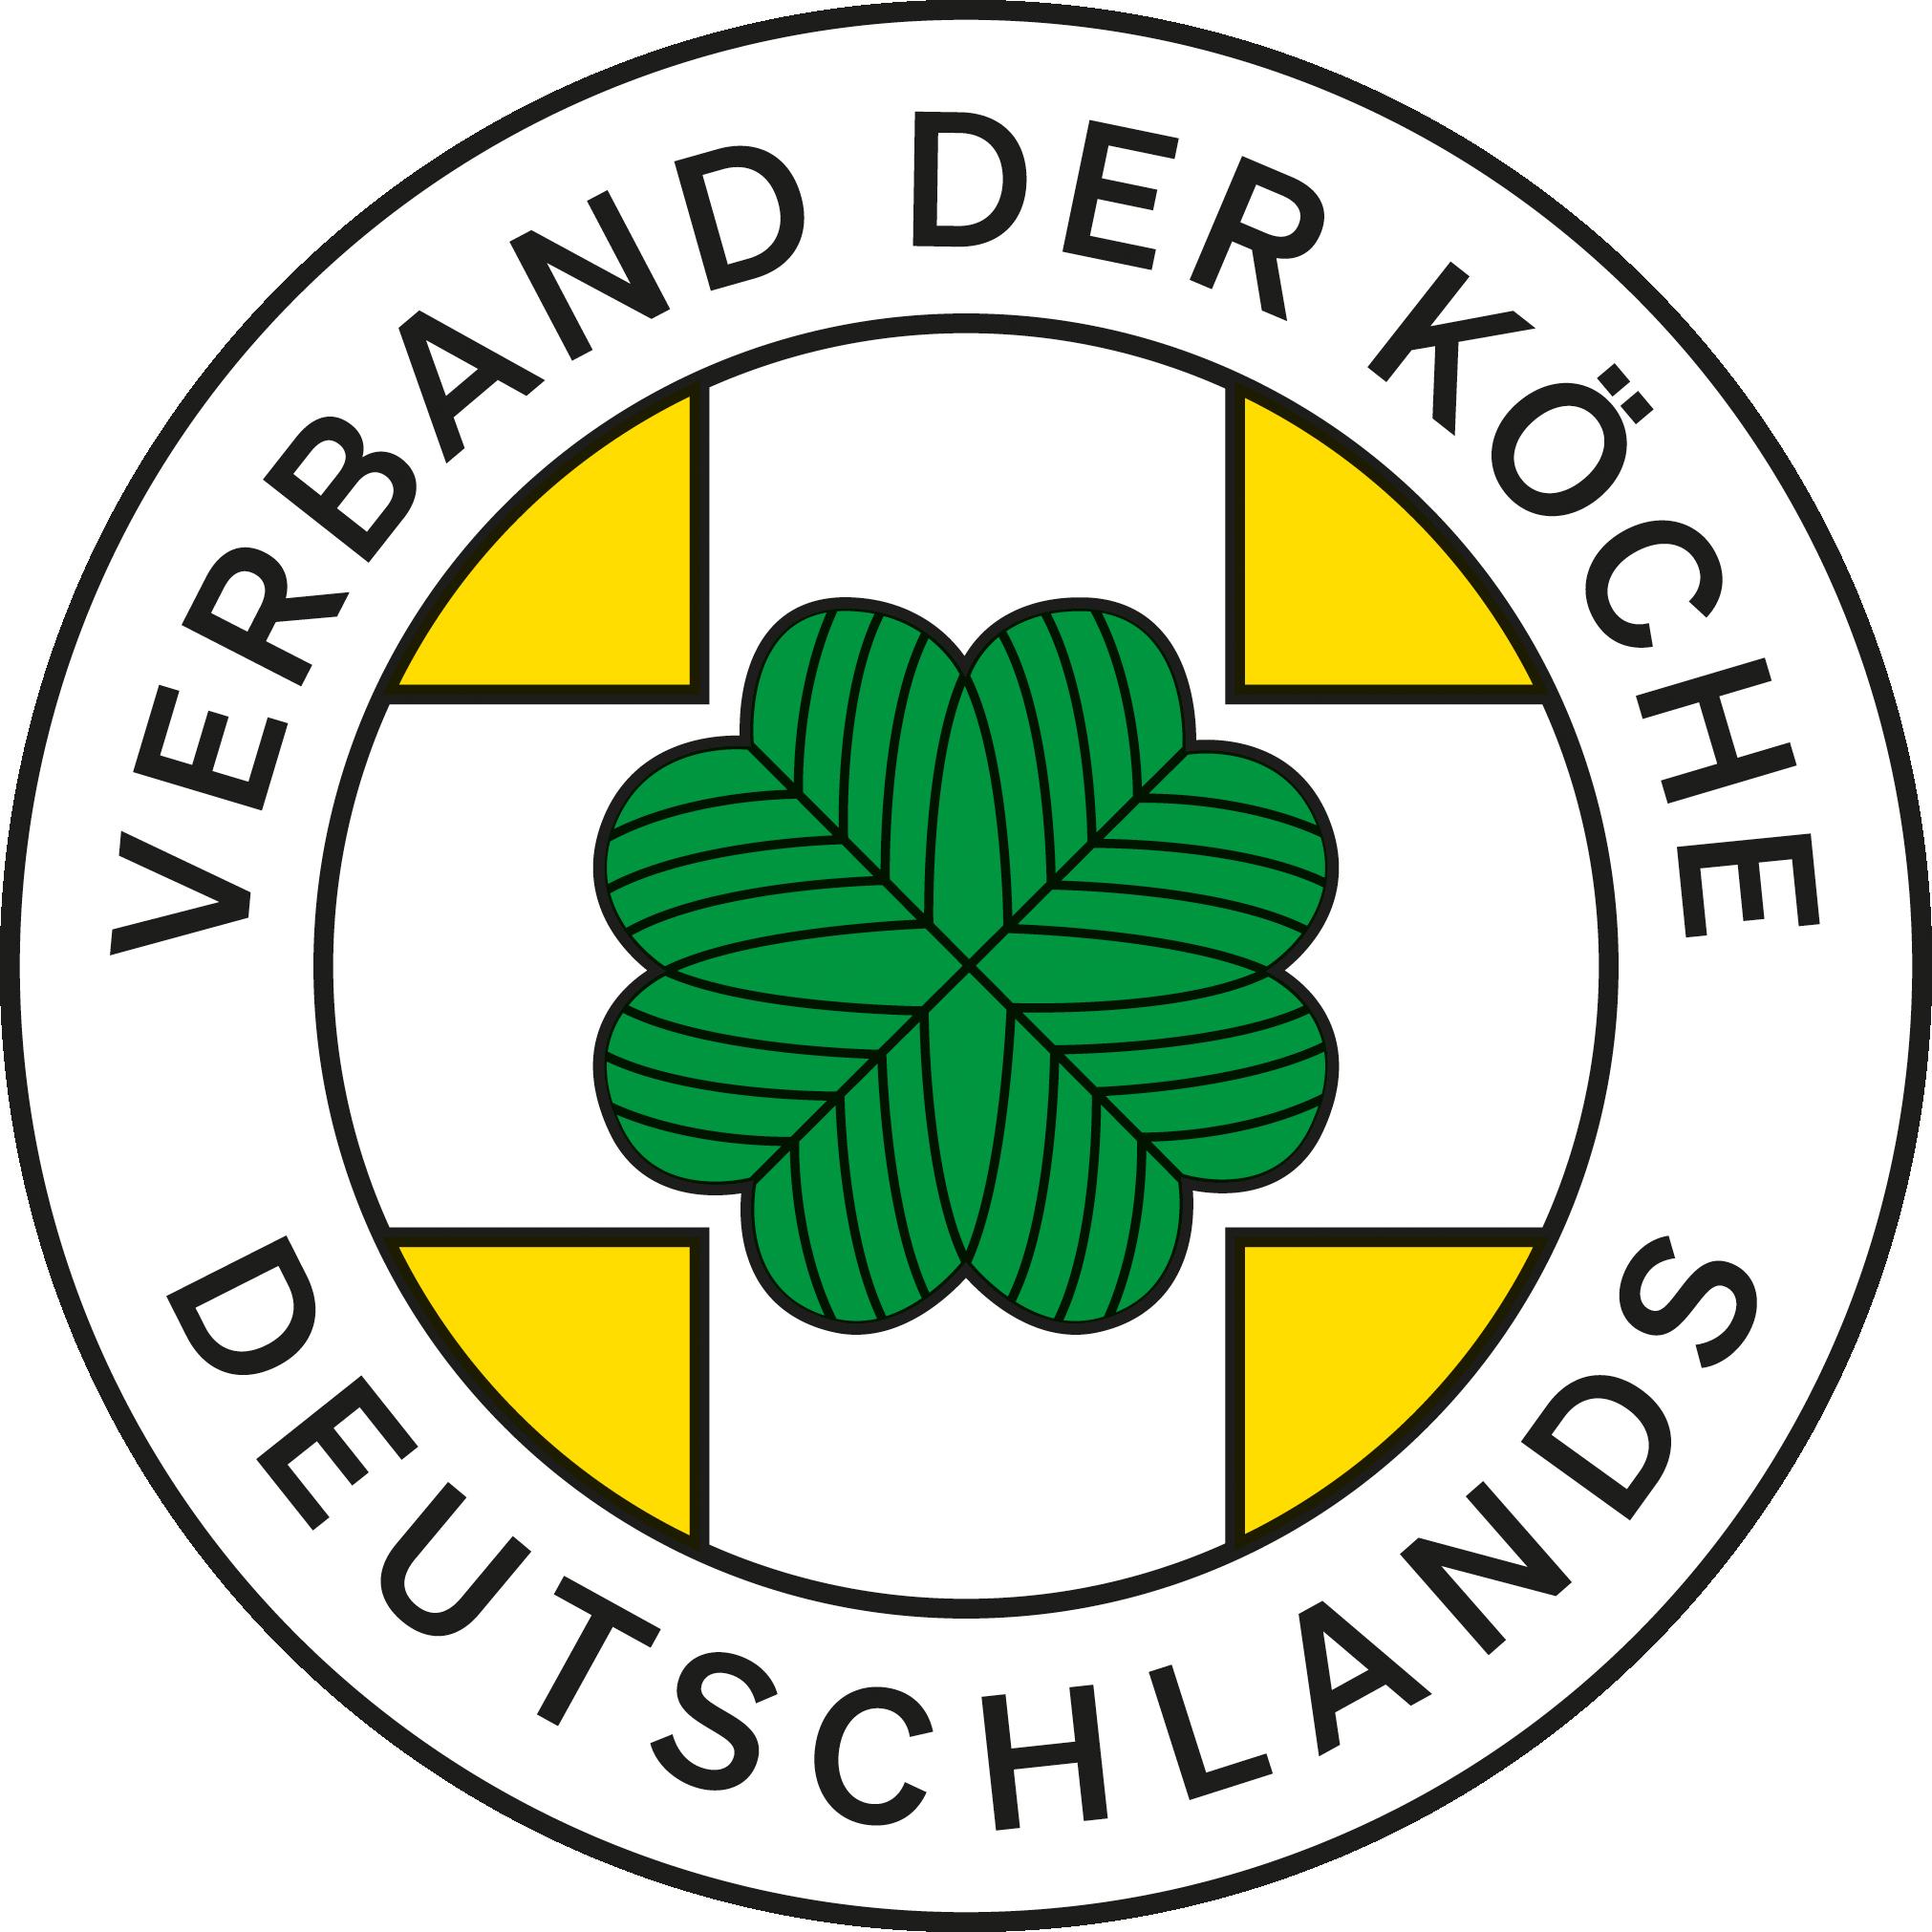 Verband der Köche Deutschlands e. V.